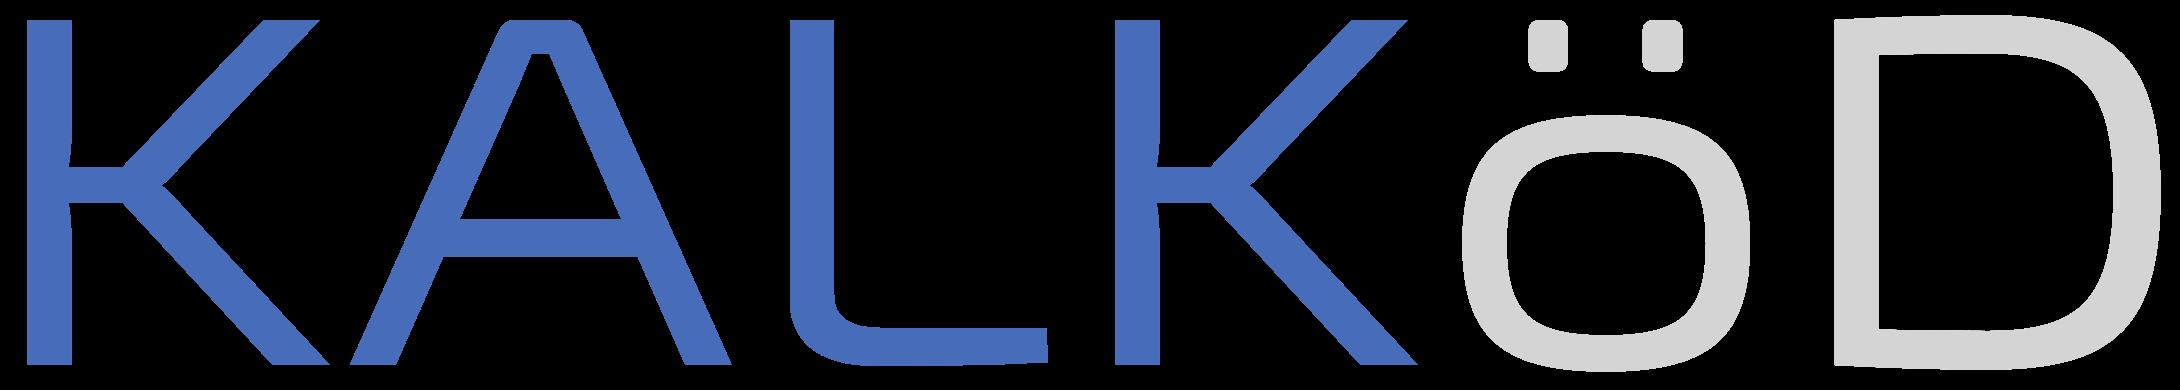 KALKöD